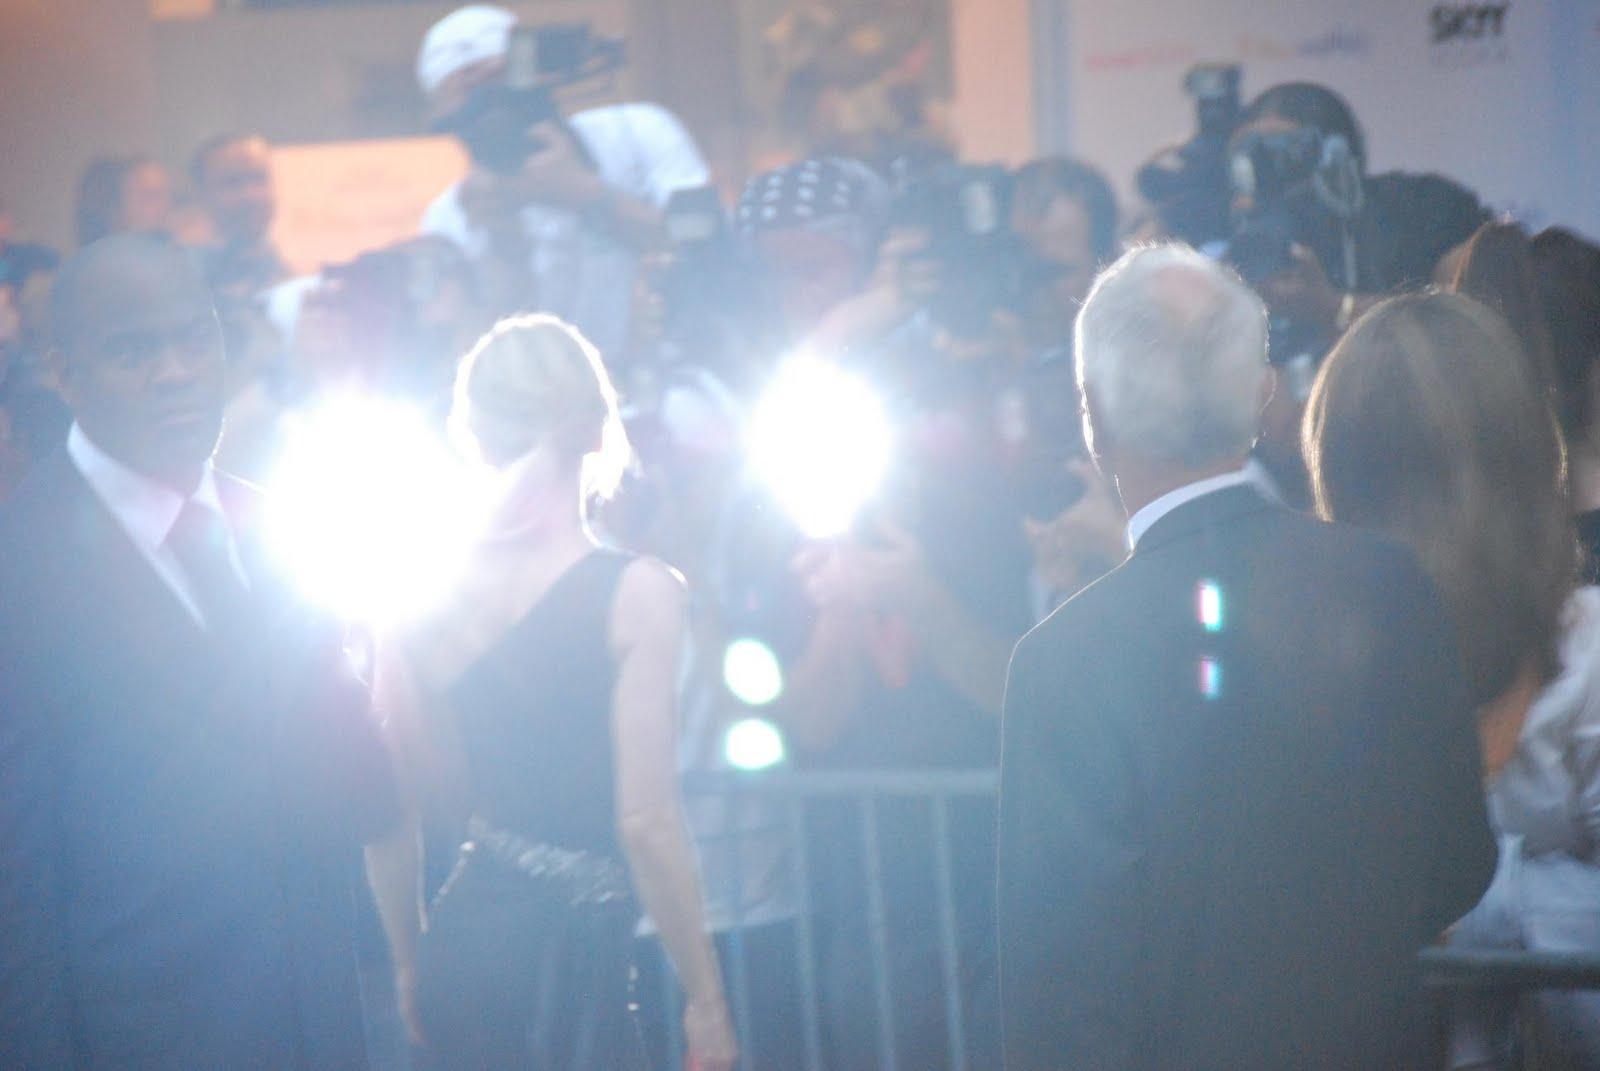 http://4.bp.blogspot.com/_urwVlrQqWC0/SotD3qCAjVI/AAAAAAAABuU/J_C7GpPucc4/s1600/Renee+Zellweger+10.jpg